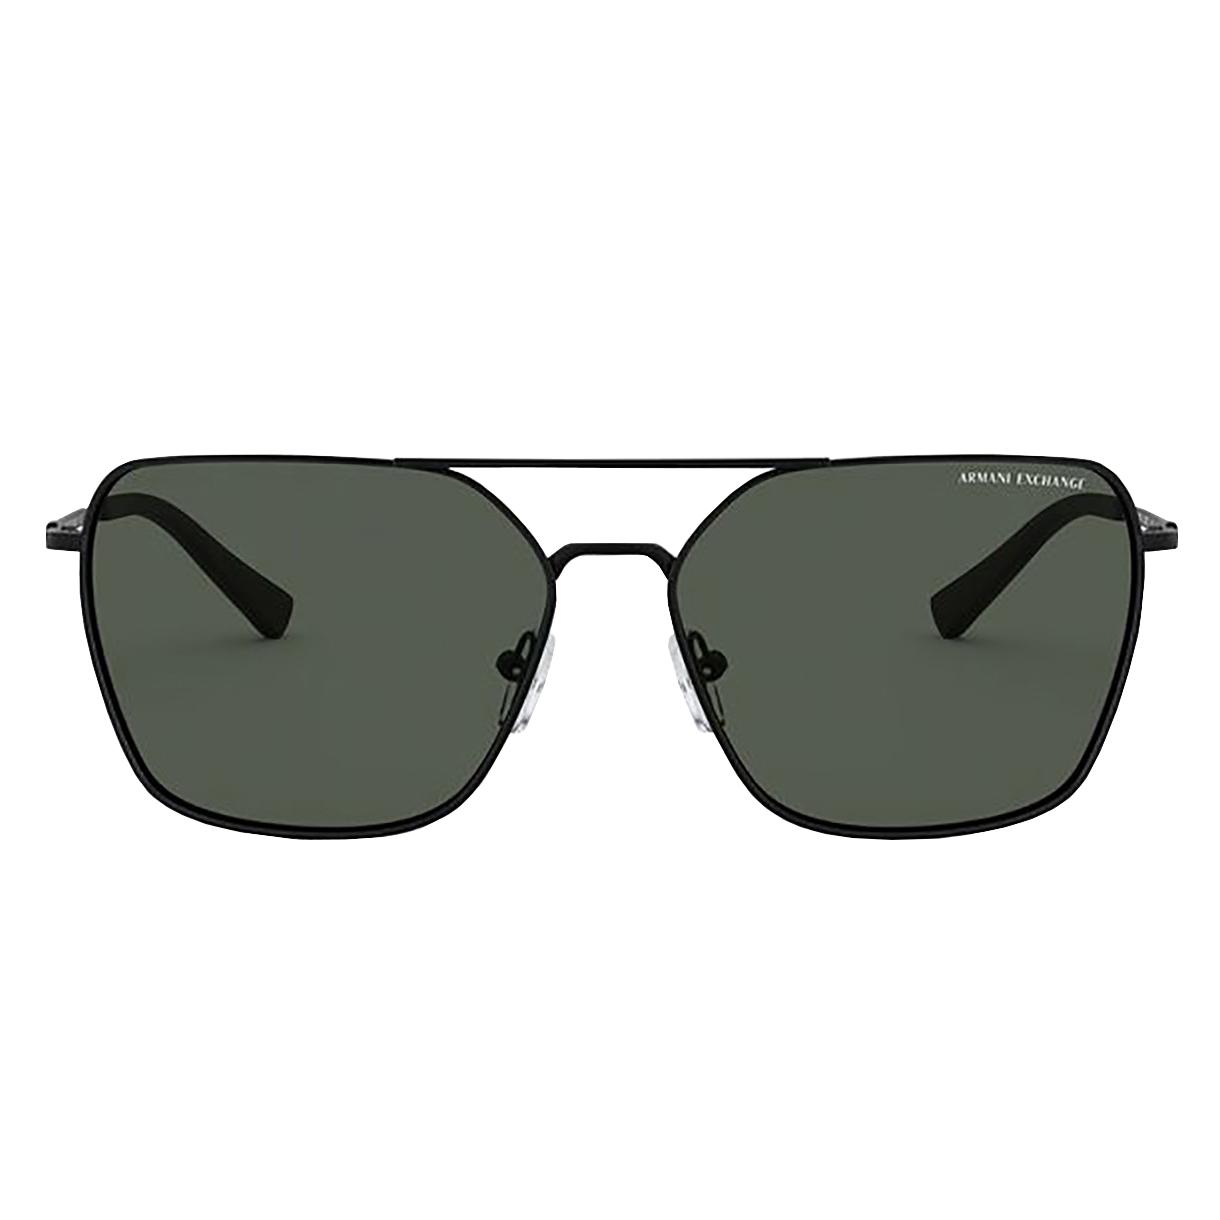 عینک آفتابی مردانه آرمانی اکسچنج مدل 2029S606371